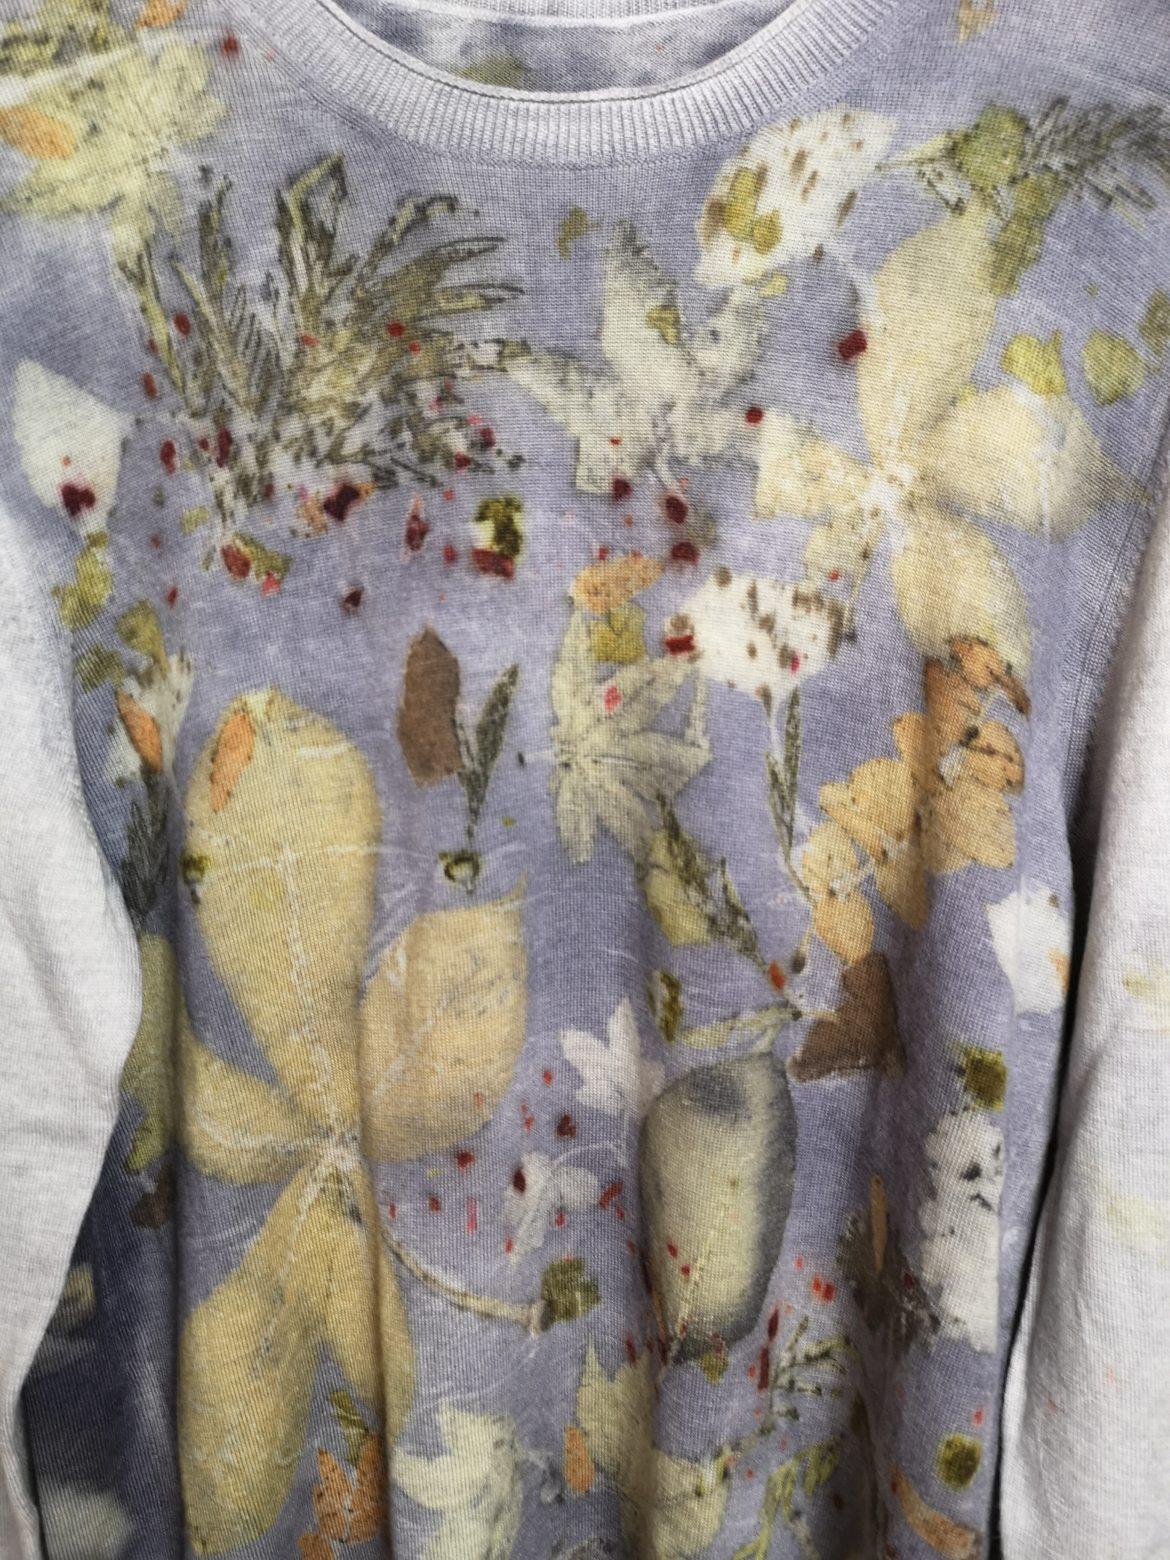 Regali di Natale 2020: idee regalo di Sogni di Cinzia, dettaglio maglione tinto